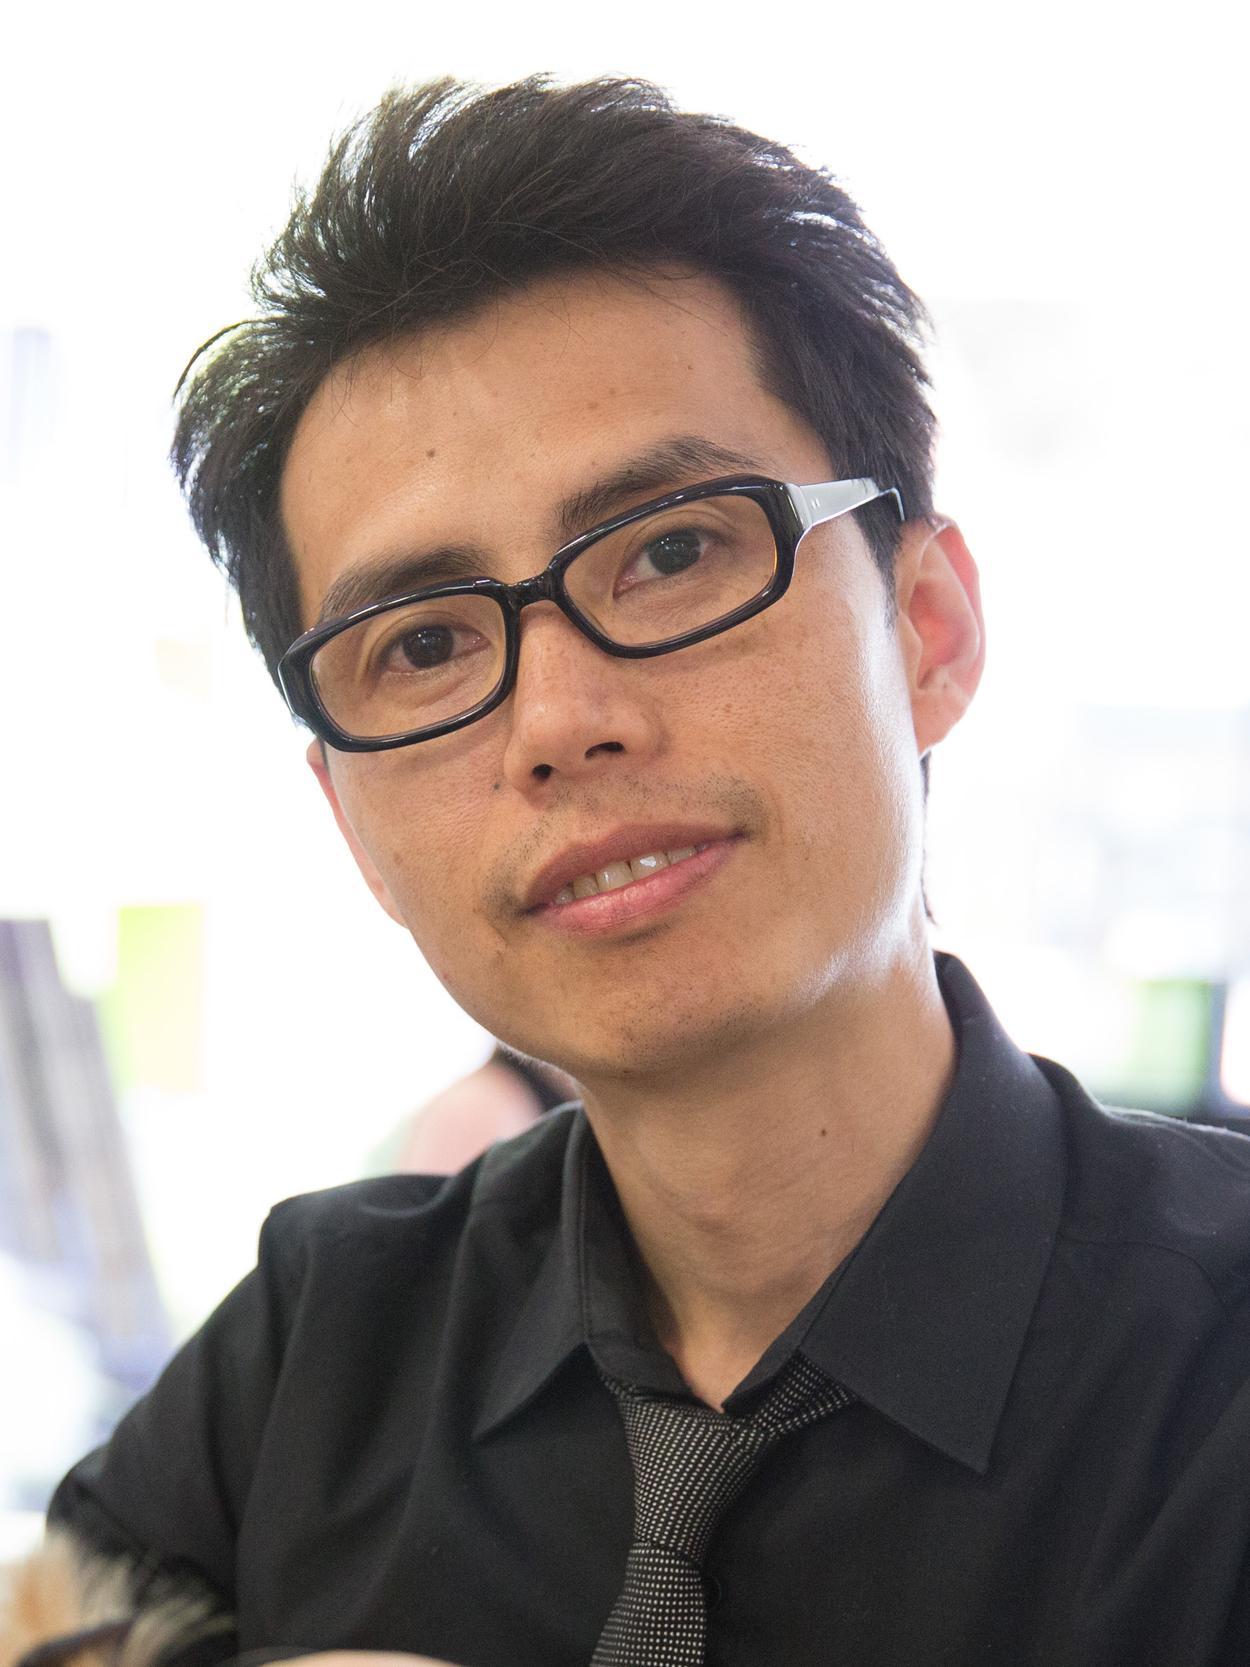 Joel Lai